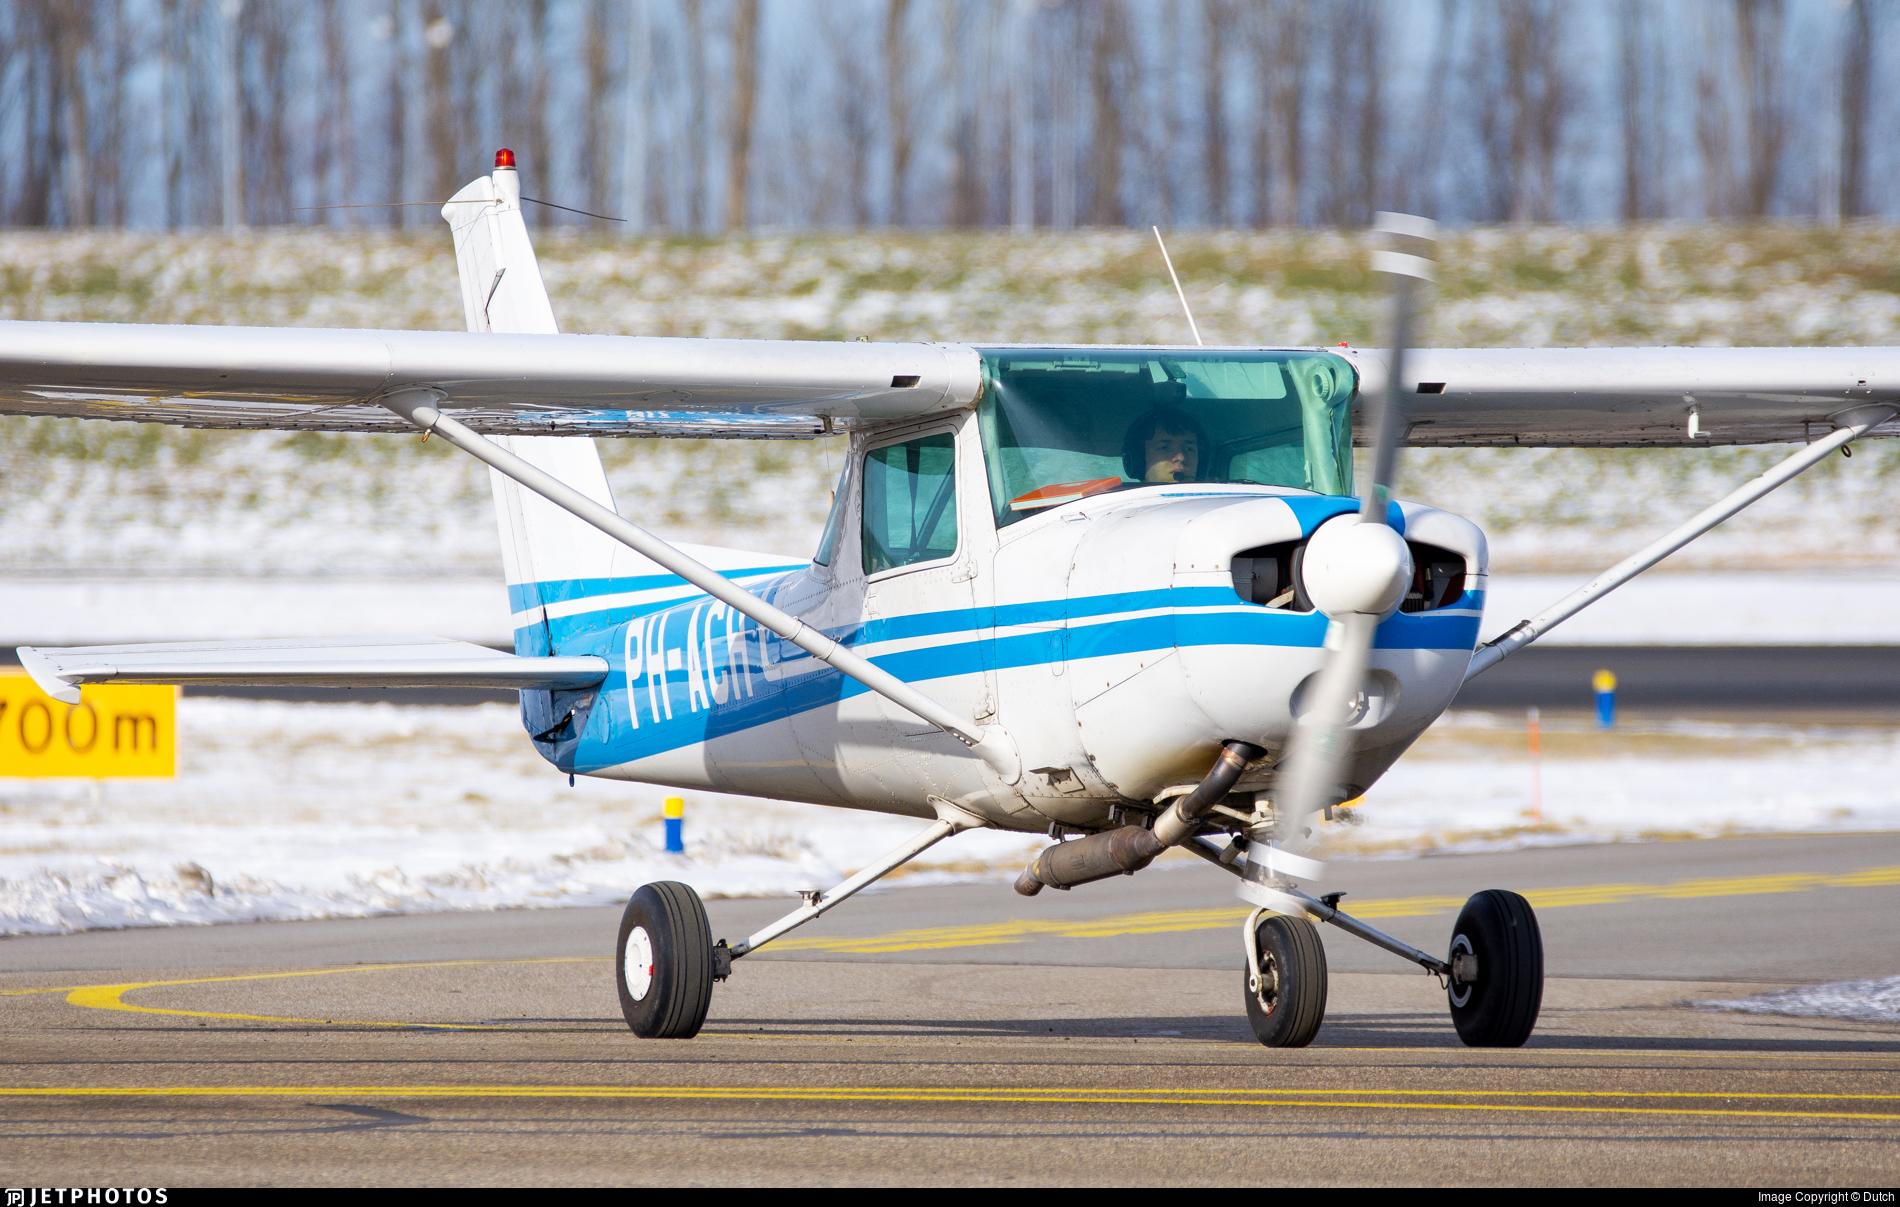 PH-ACH - Reims-Cessna F152 II - Private